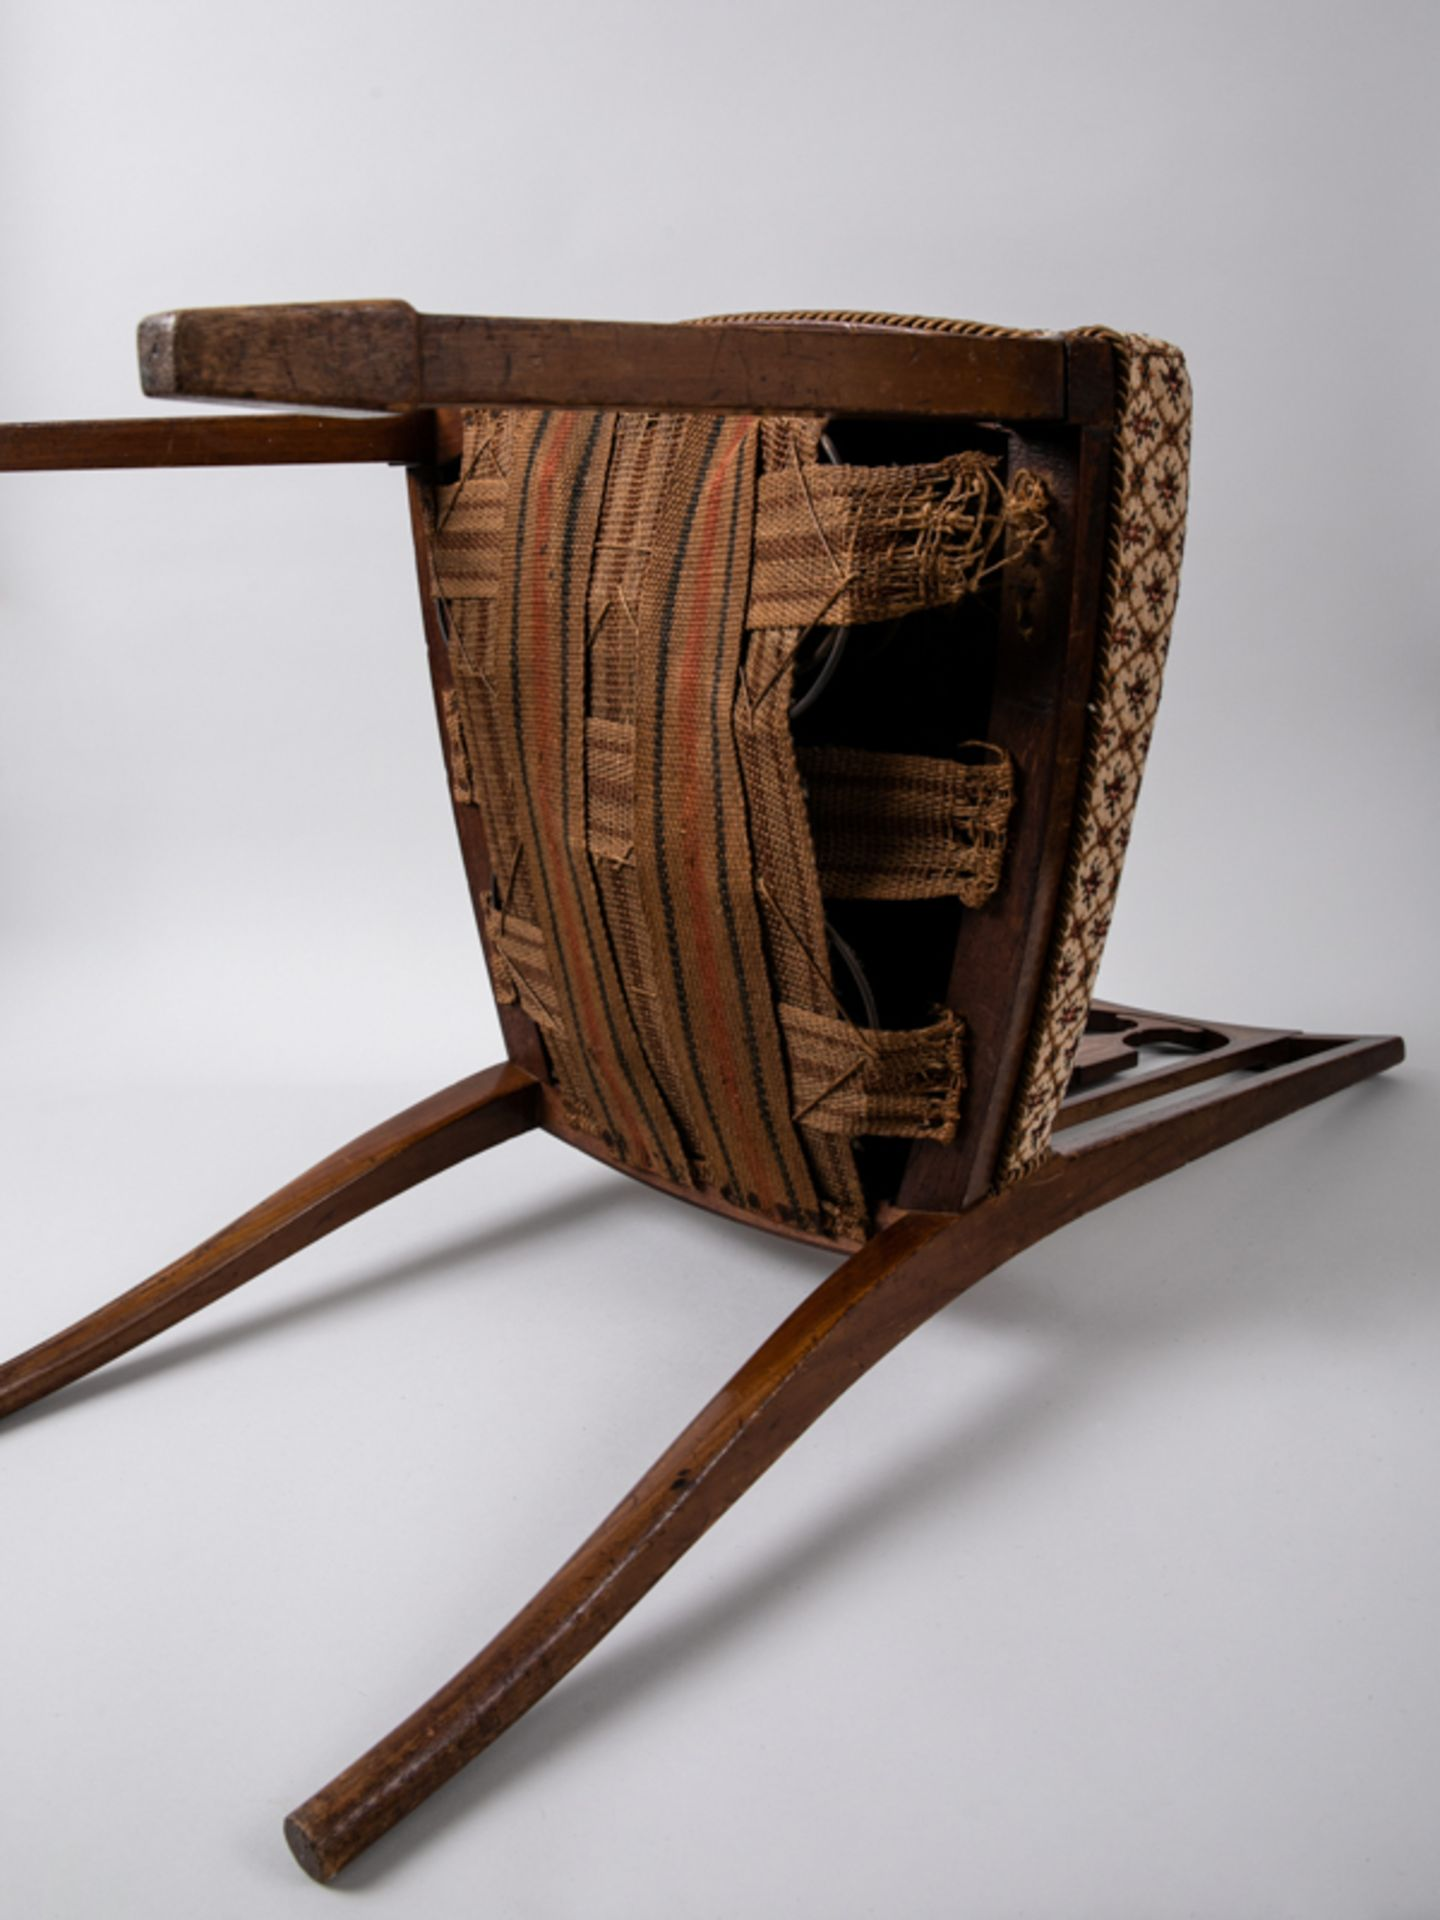 Paar Sheraton-Stühle, England, 18./19. Jh. Buche und verschiedene Einlegehölzer mit ebonisier - Bild 4 aus 4